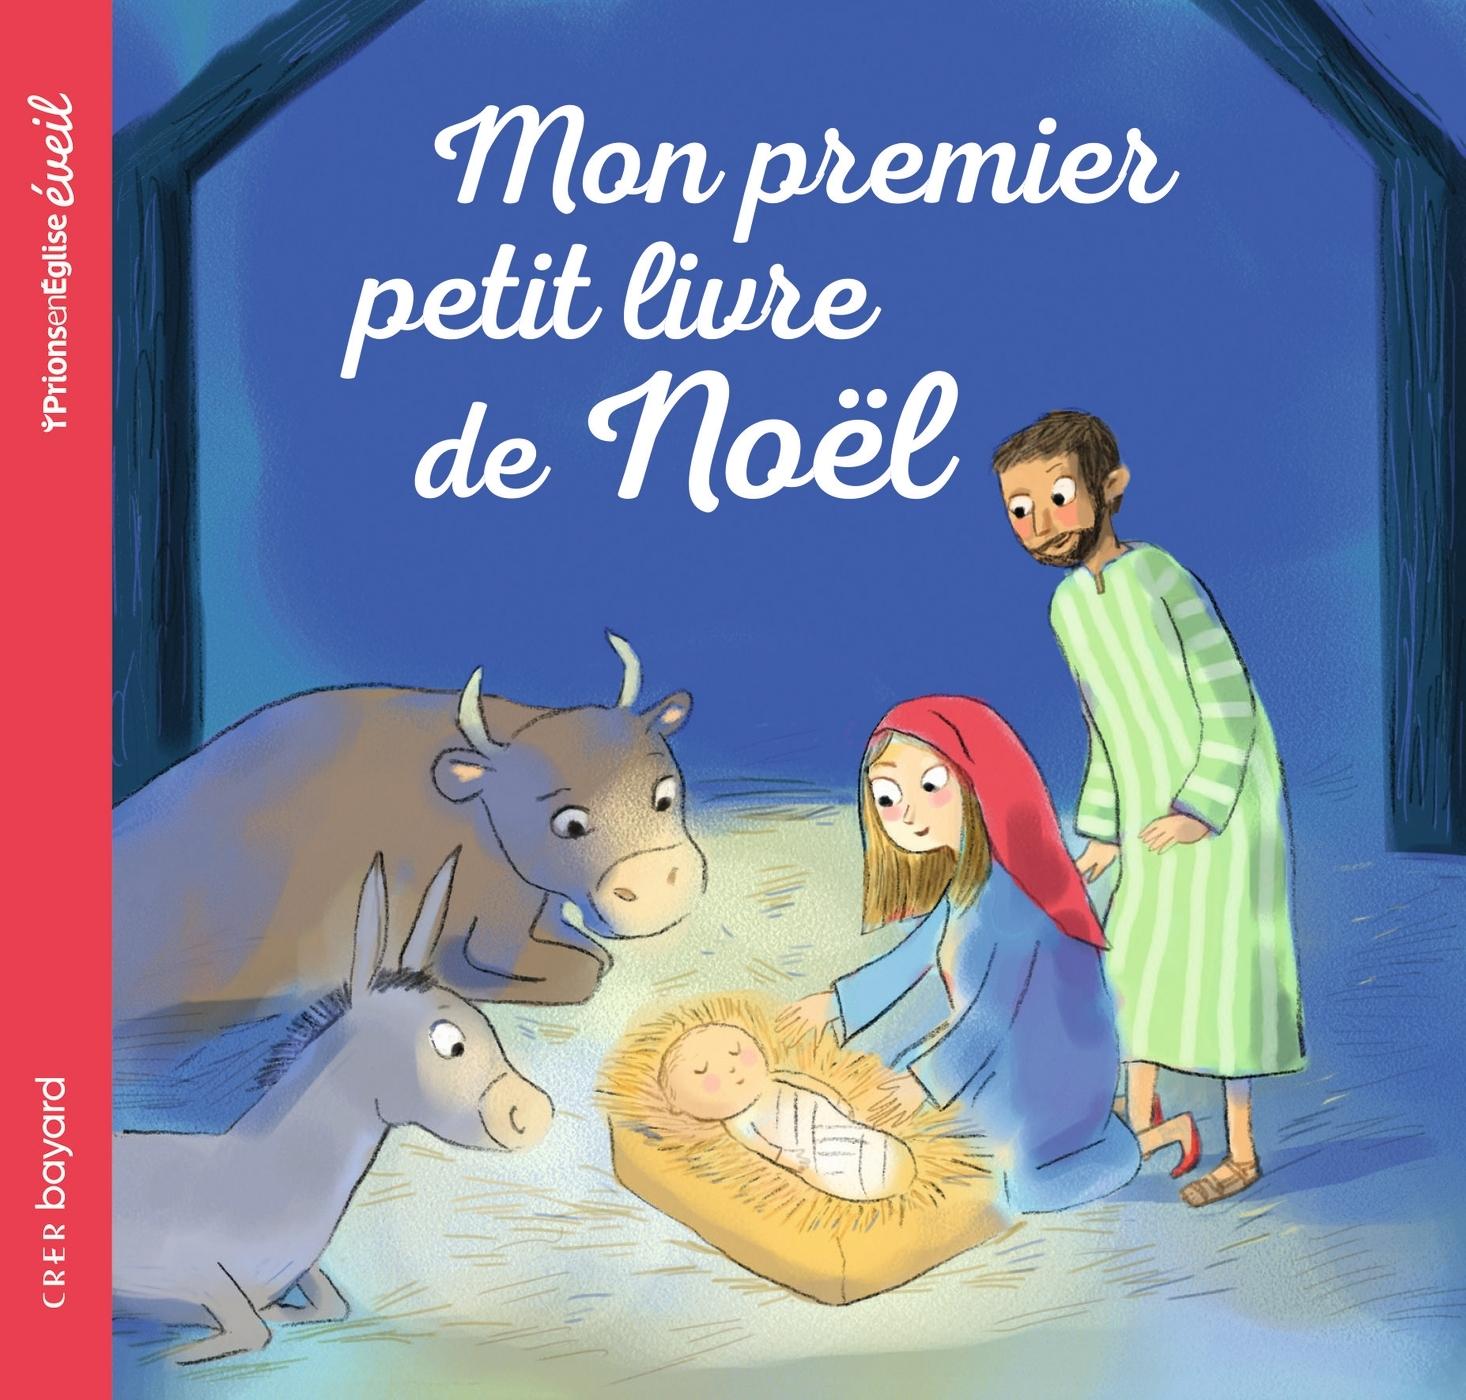 MON PREMIER PETIT LIVRE DE NOEL